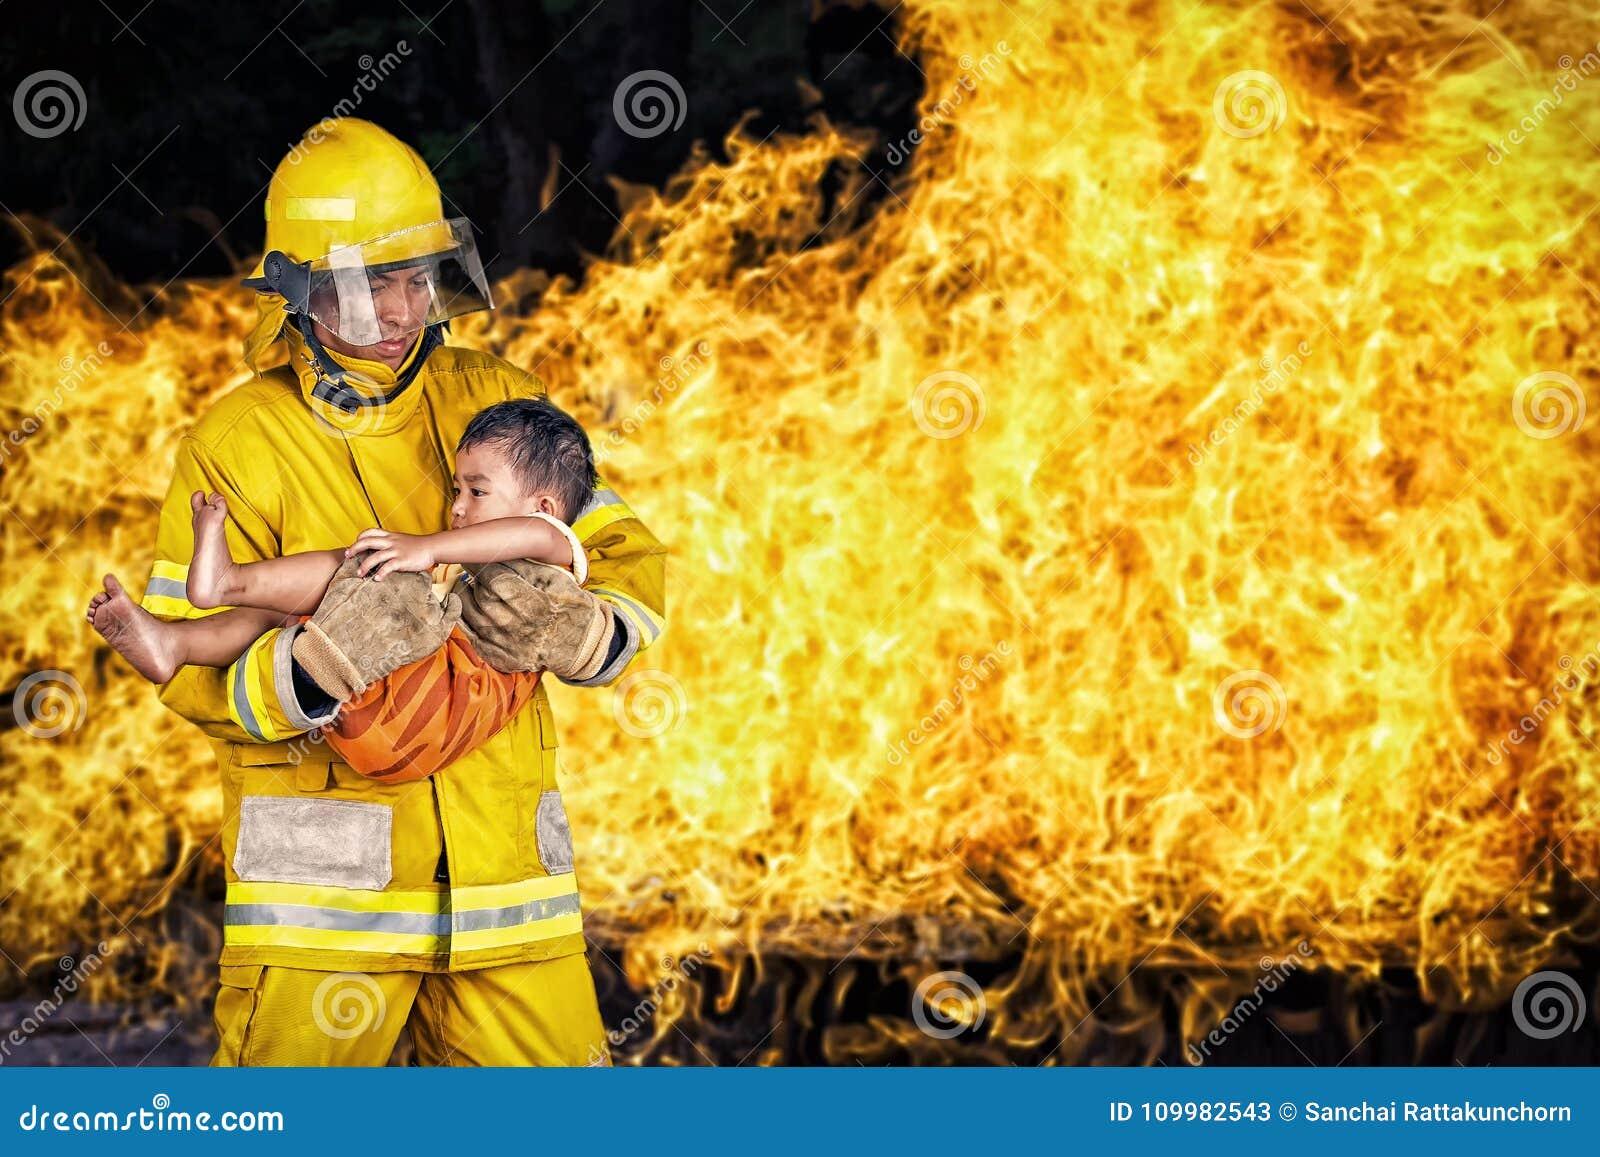 Pompiere , risparmi del vigile del fuoco di salvataggio un bambino dall incidente del fuoco